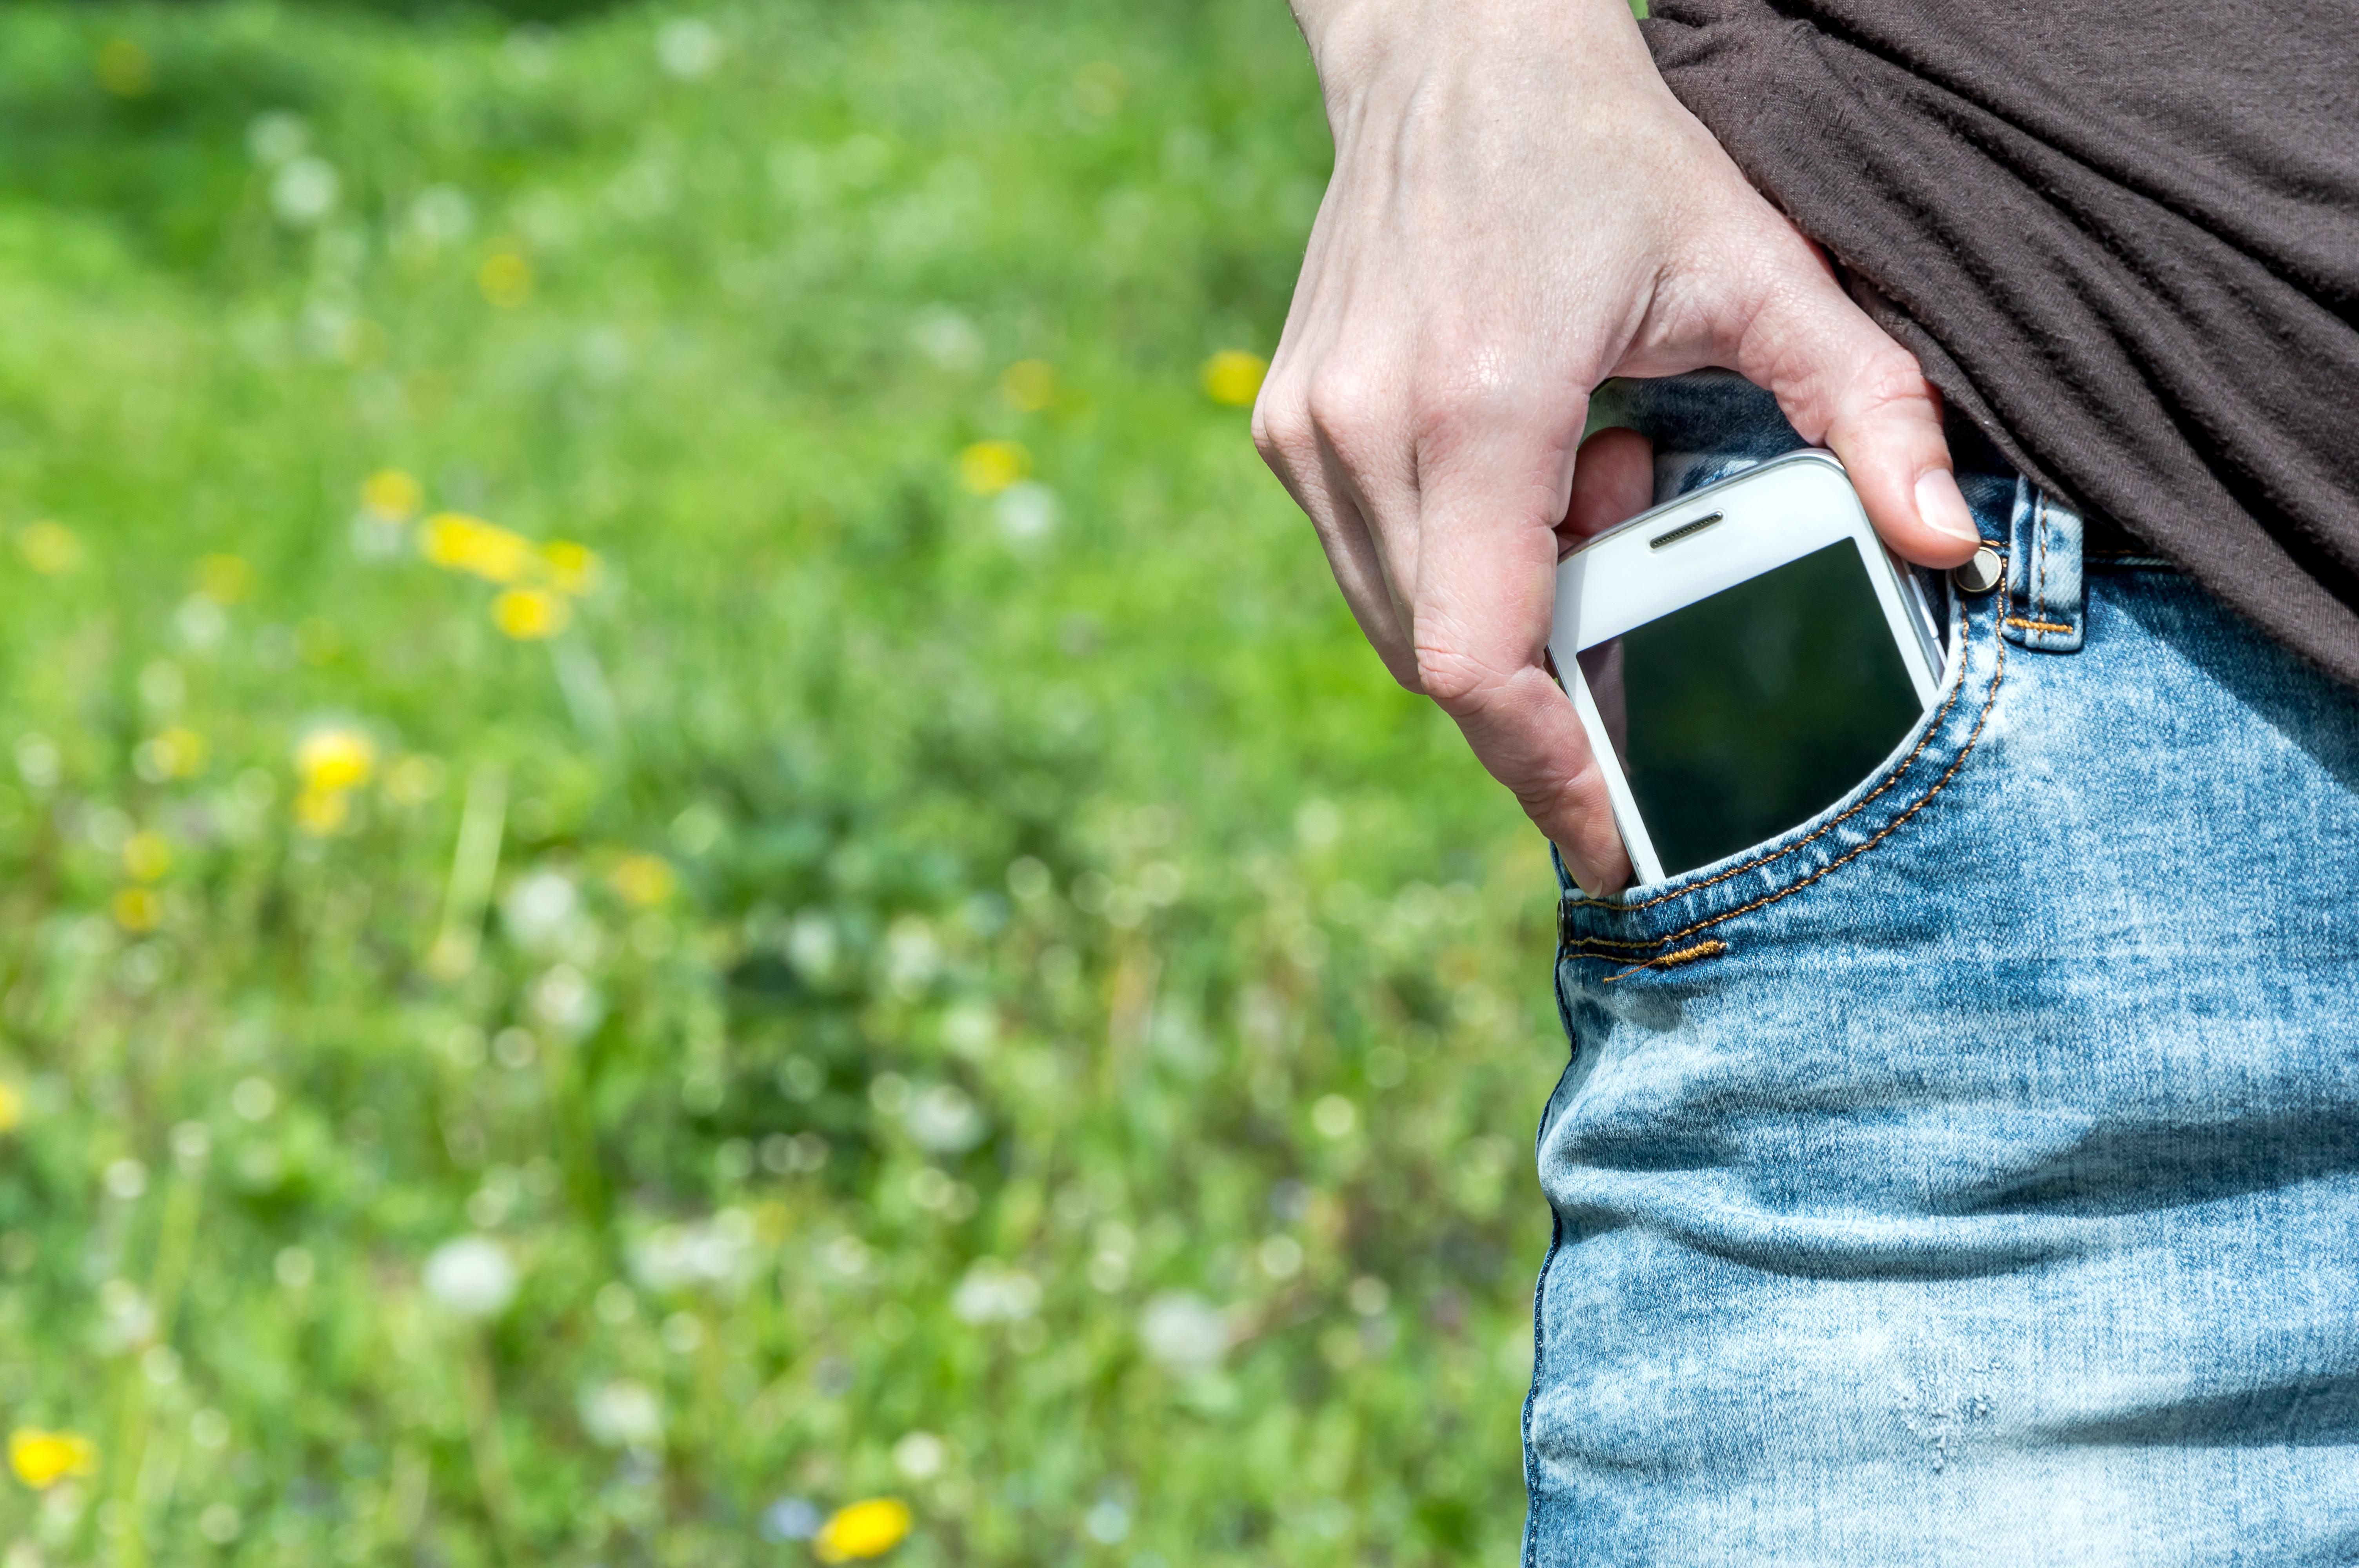 Individual grabbing phone from pocket